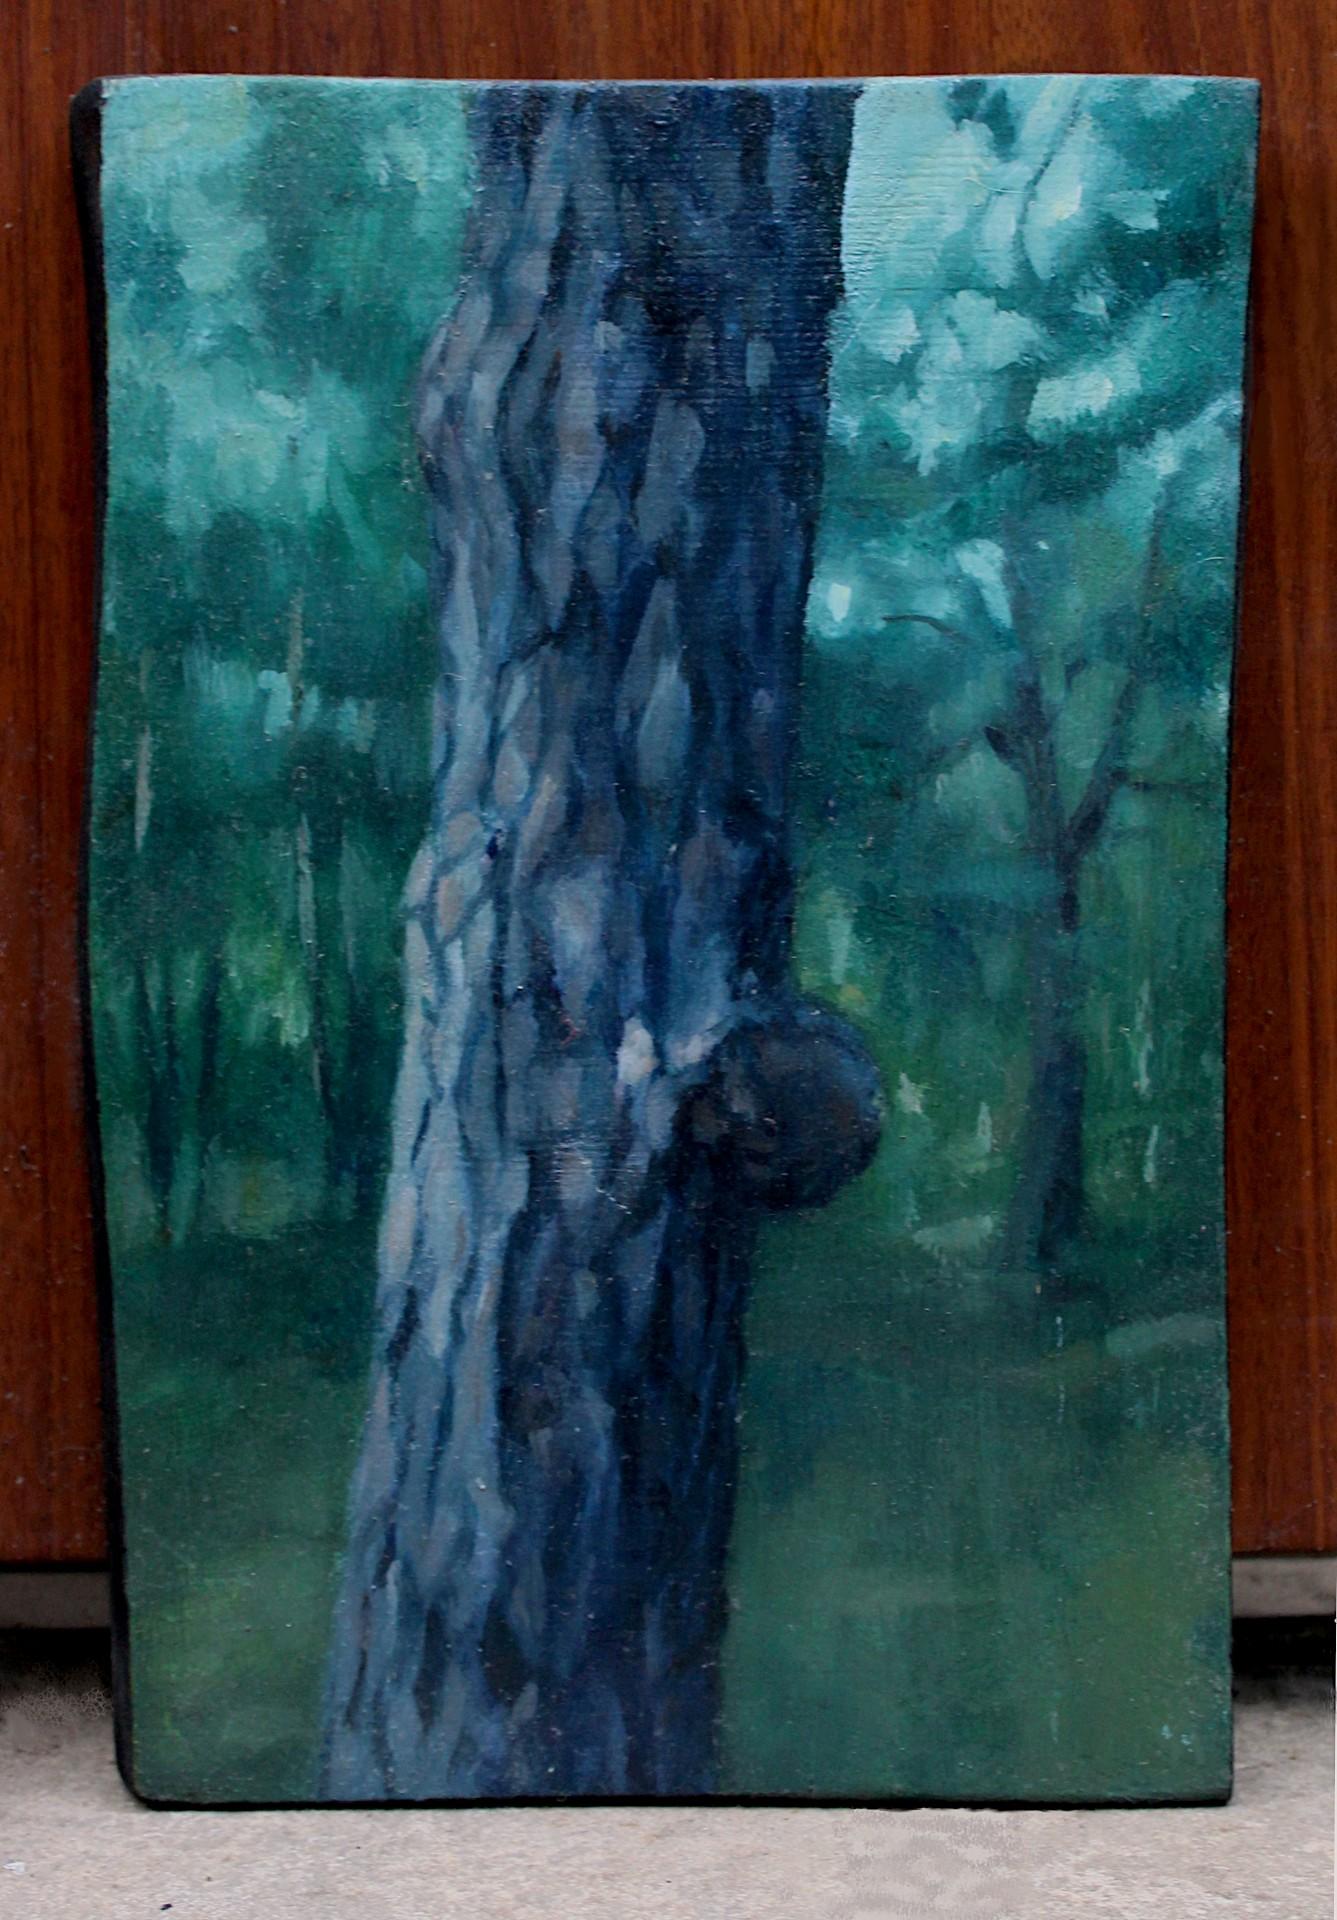 Drzewne osobliwości III